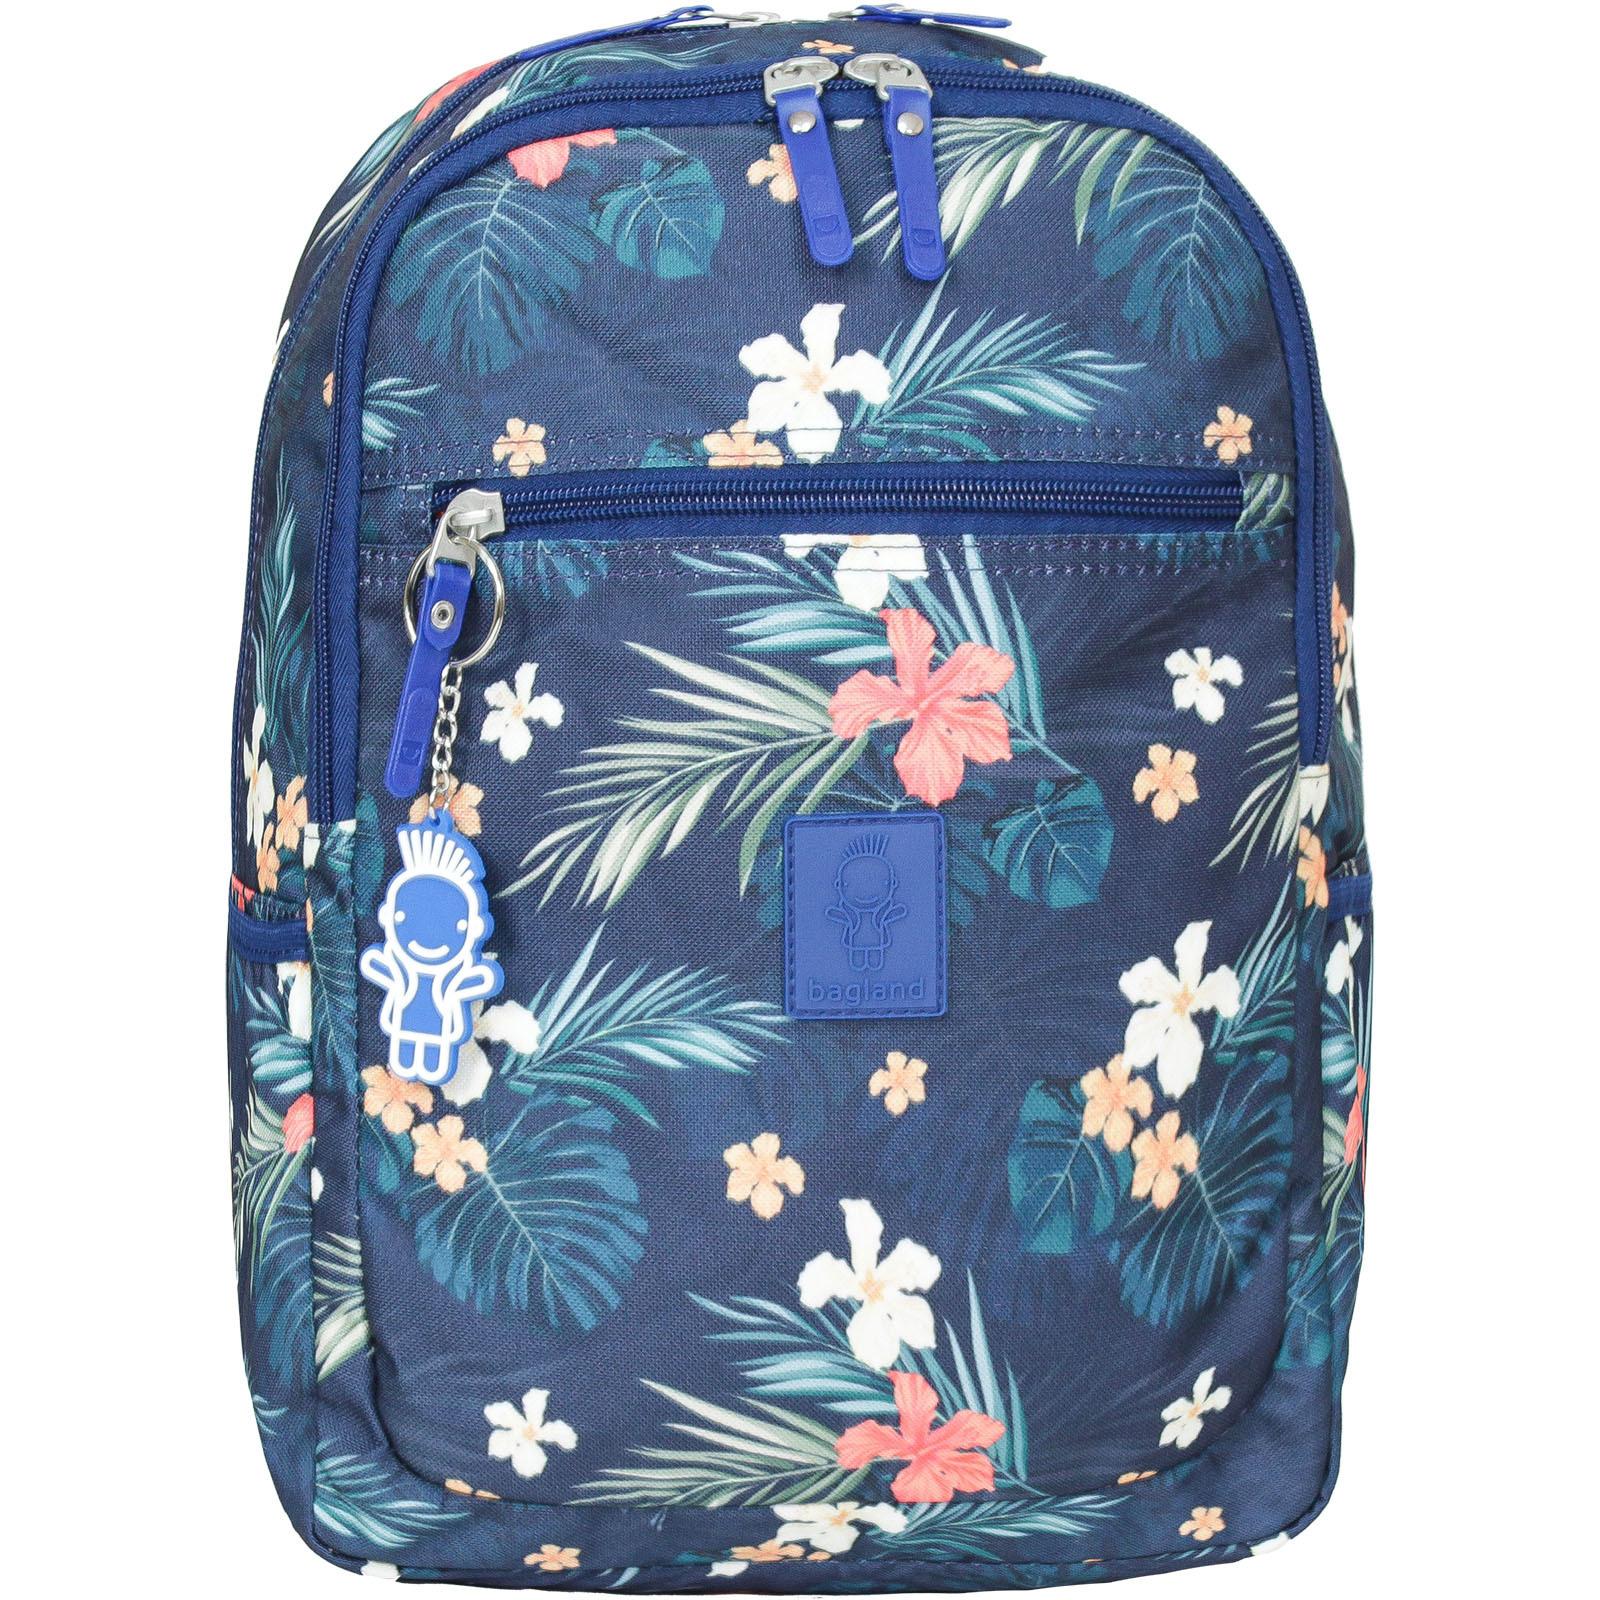 Детские рюкзаки Рюкзак Bagland Young 13 л. сублимация (цветы) (00510664) IMG_8678-1600.jpg